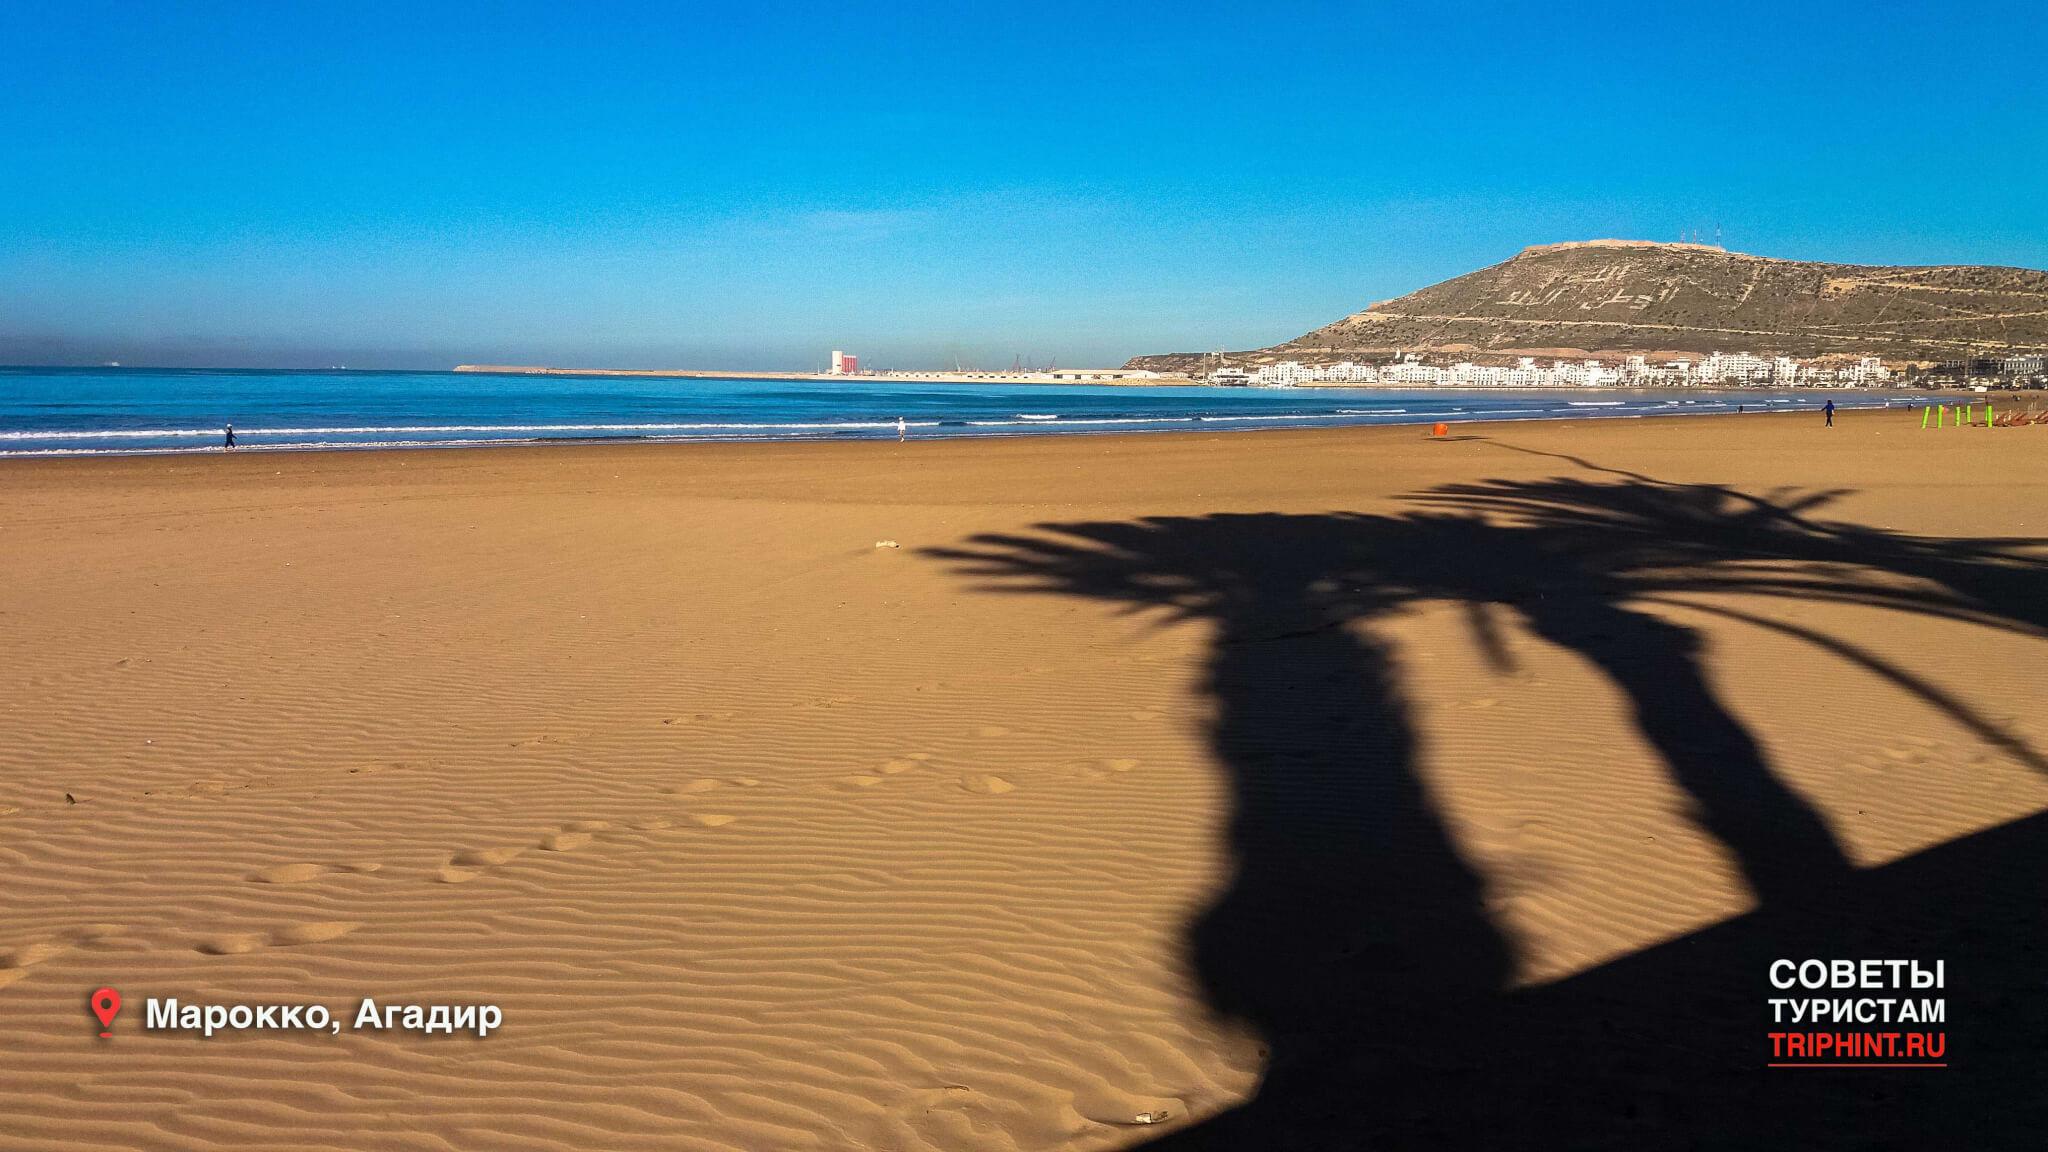 Пляжный отдых в Марокко в октябре. Пляж Агадир